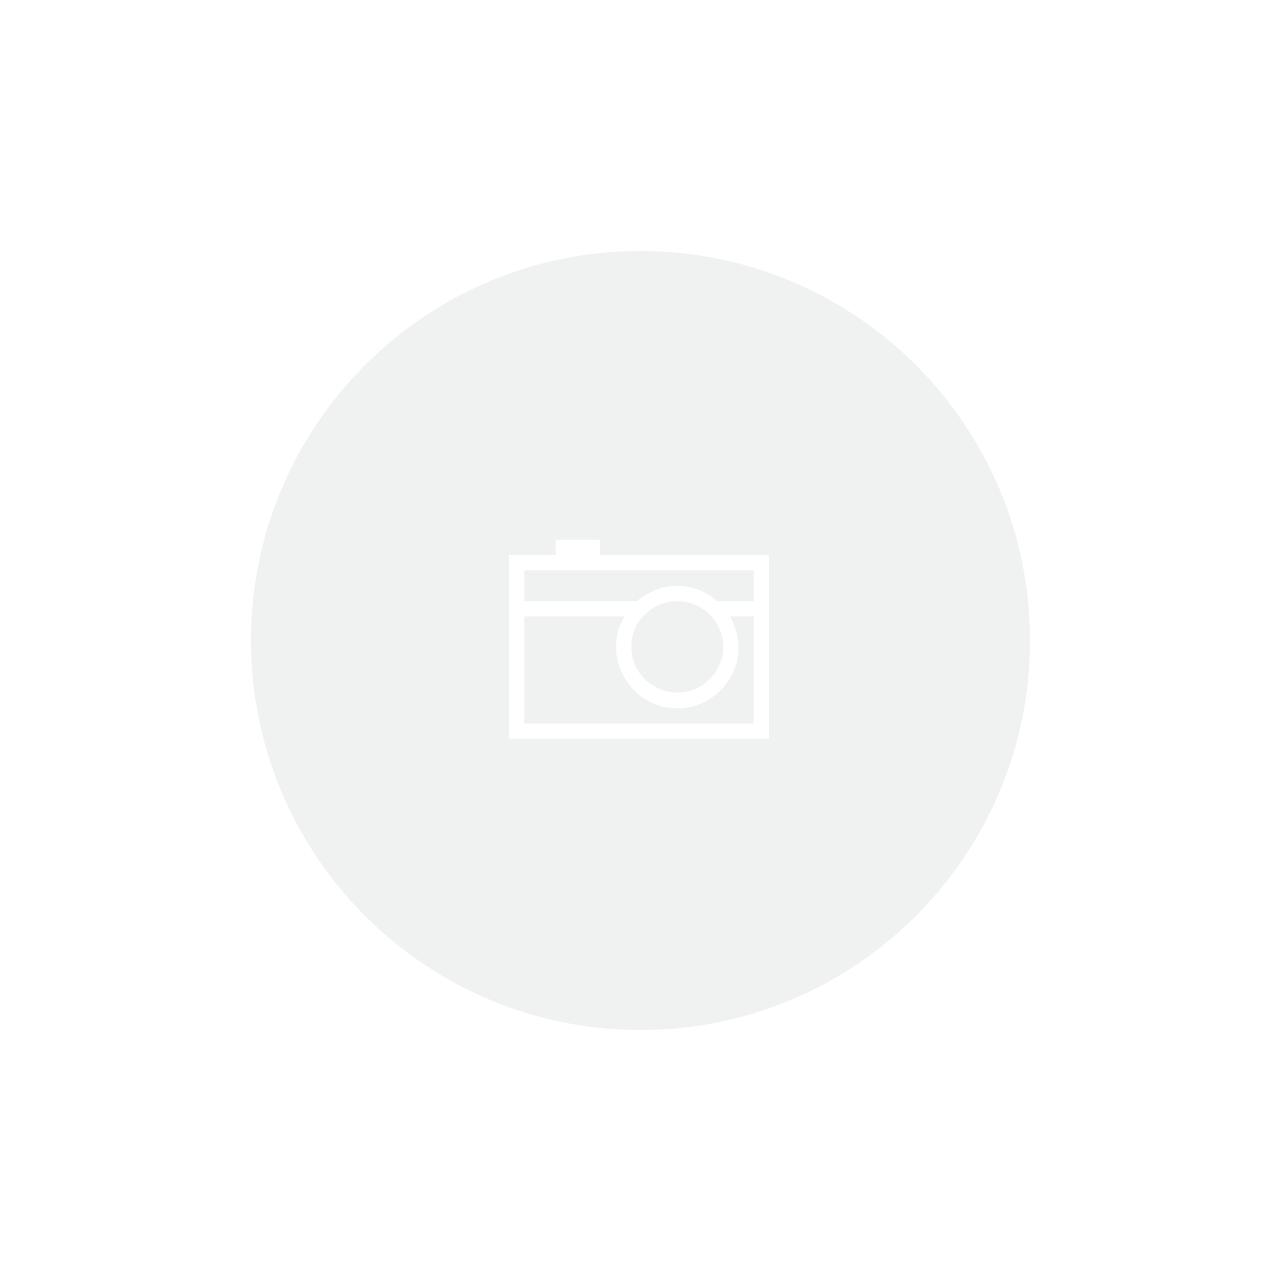 Caixa Organizadora 42 Litros Transparente Basic Tramontina